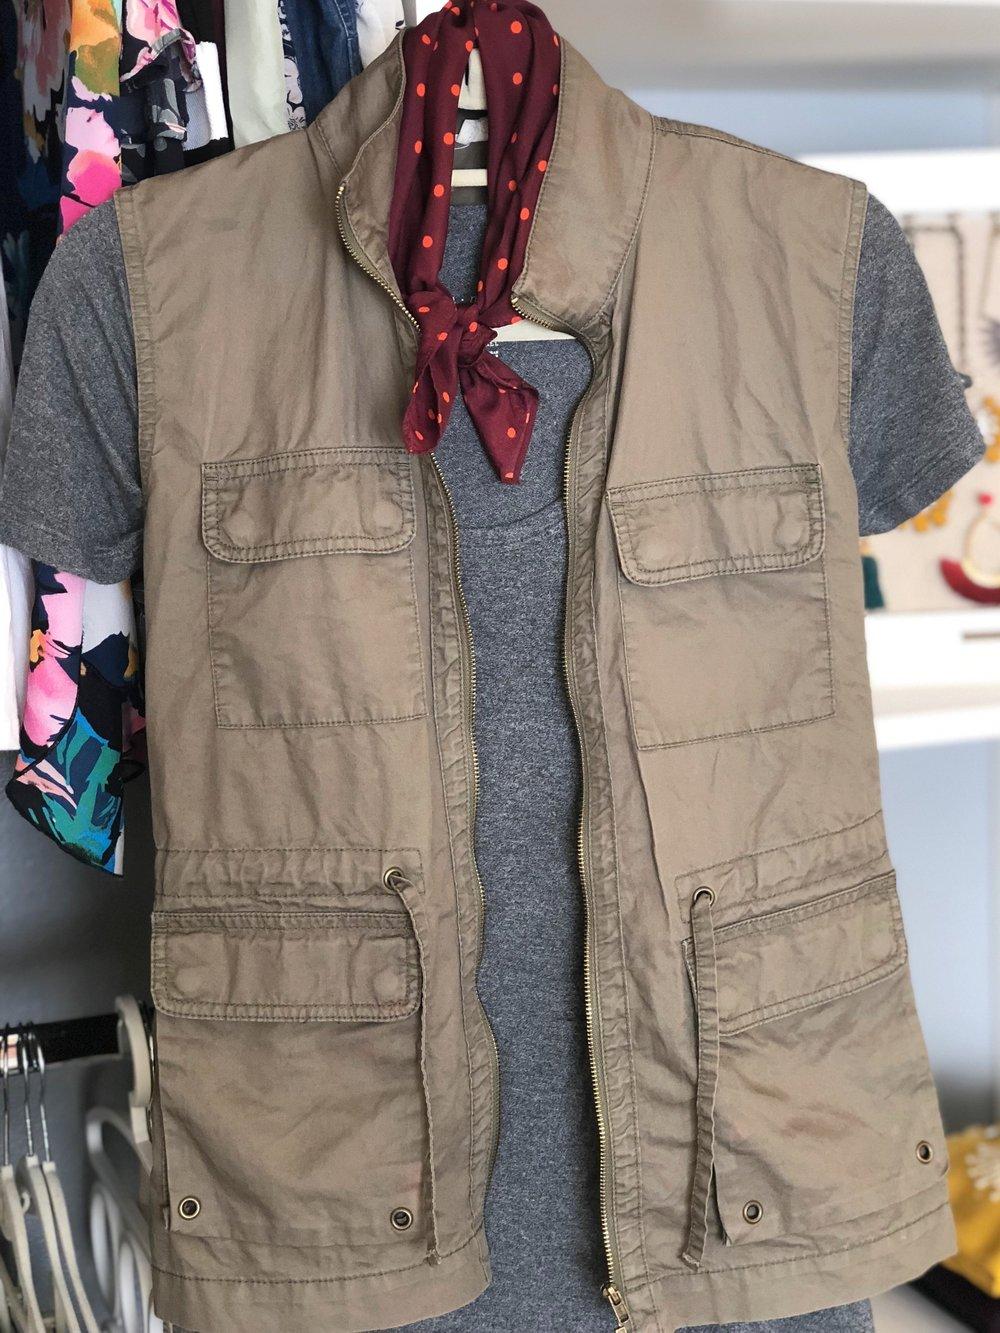 Six Ways to Style a Vest - The Style Shop by Sandi Mele